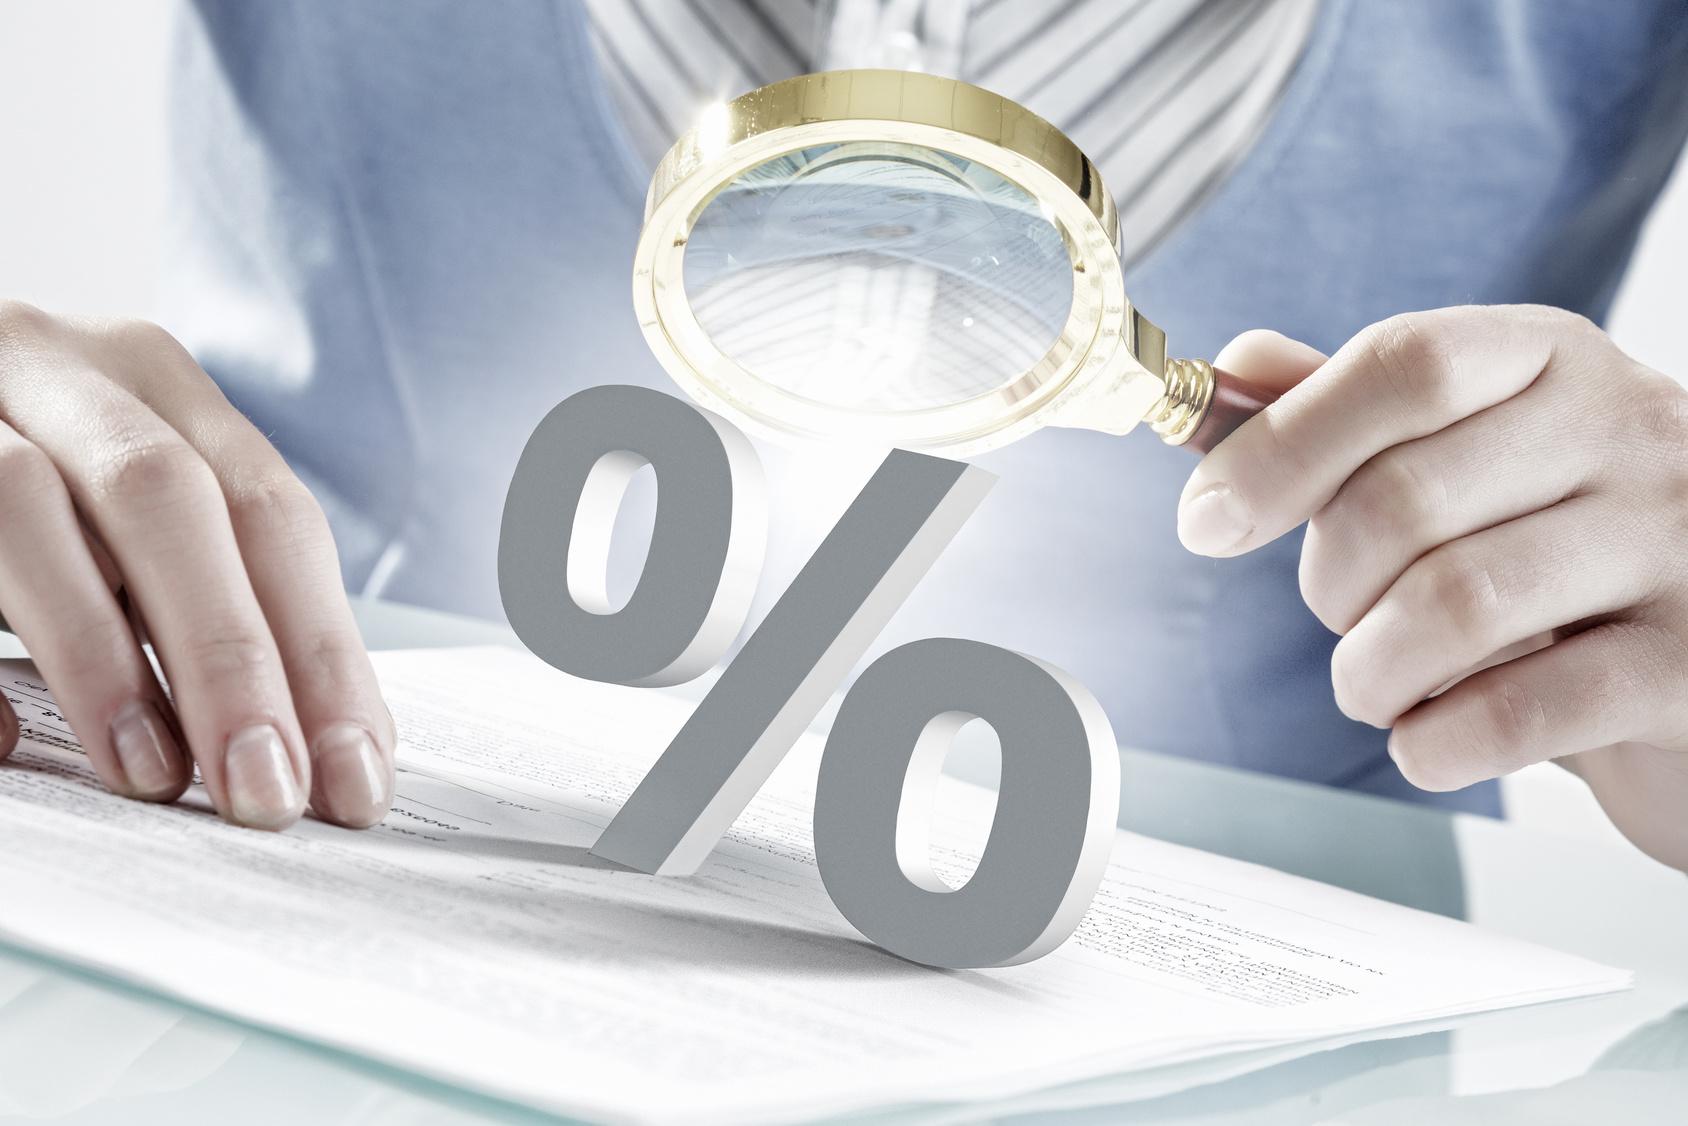 Как сделать вклад в банк: некоторые тонкости Банковские вклады 21